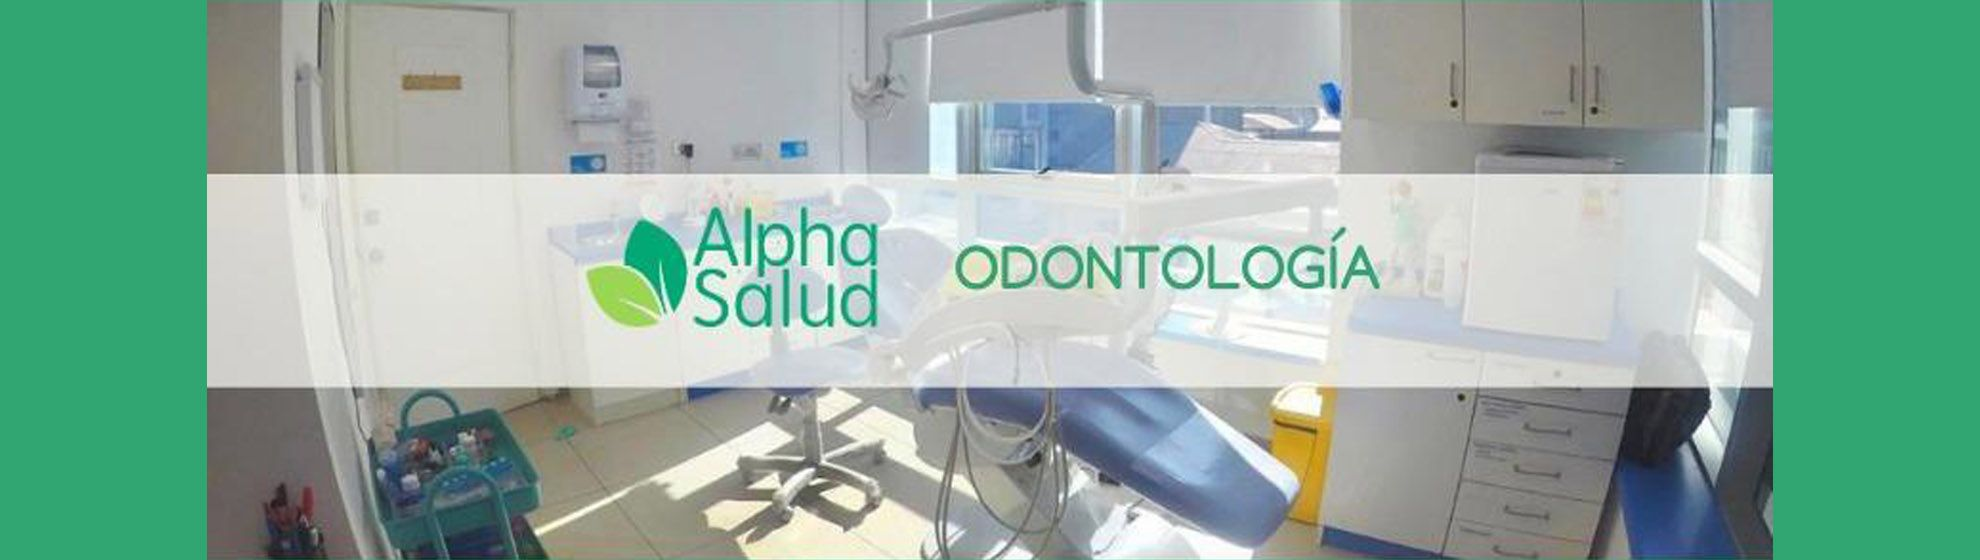 Alpha Salud